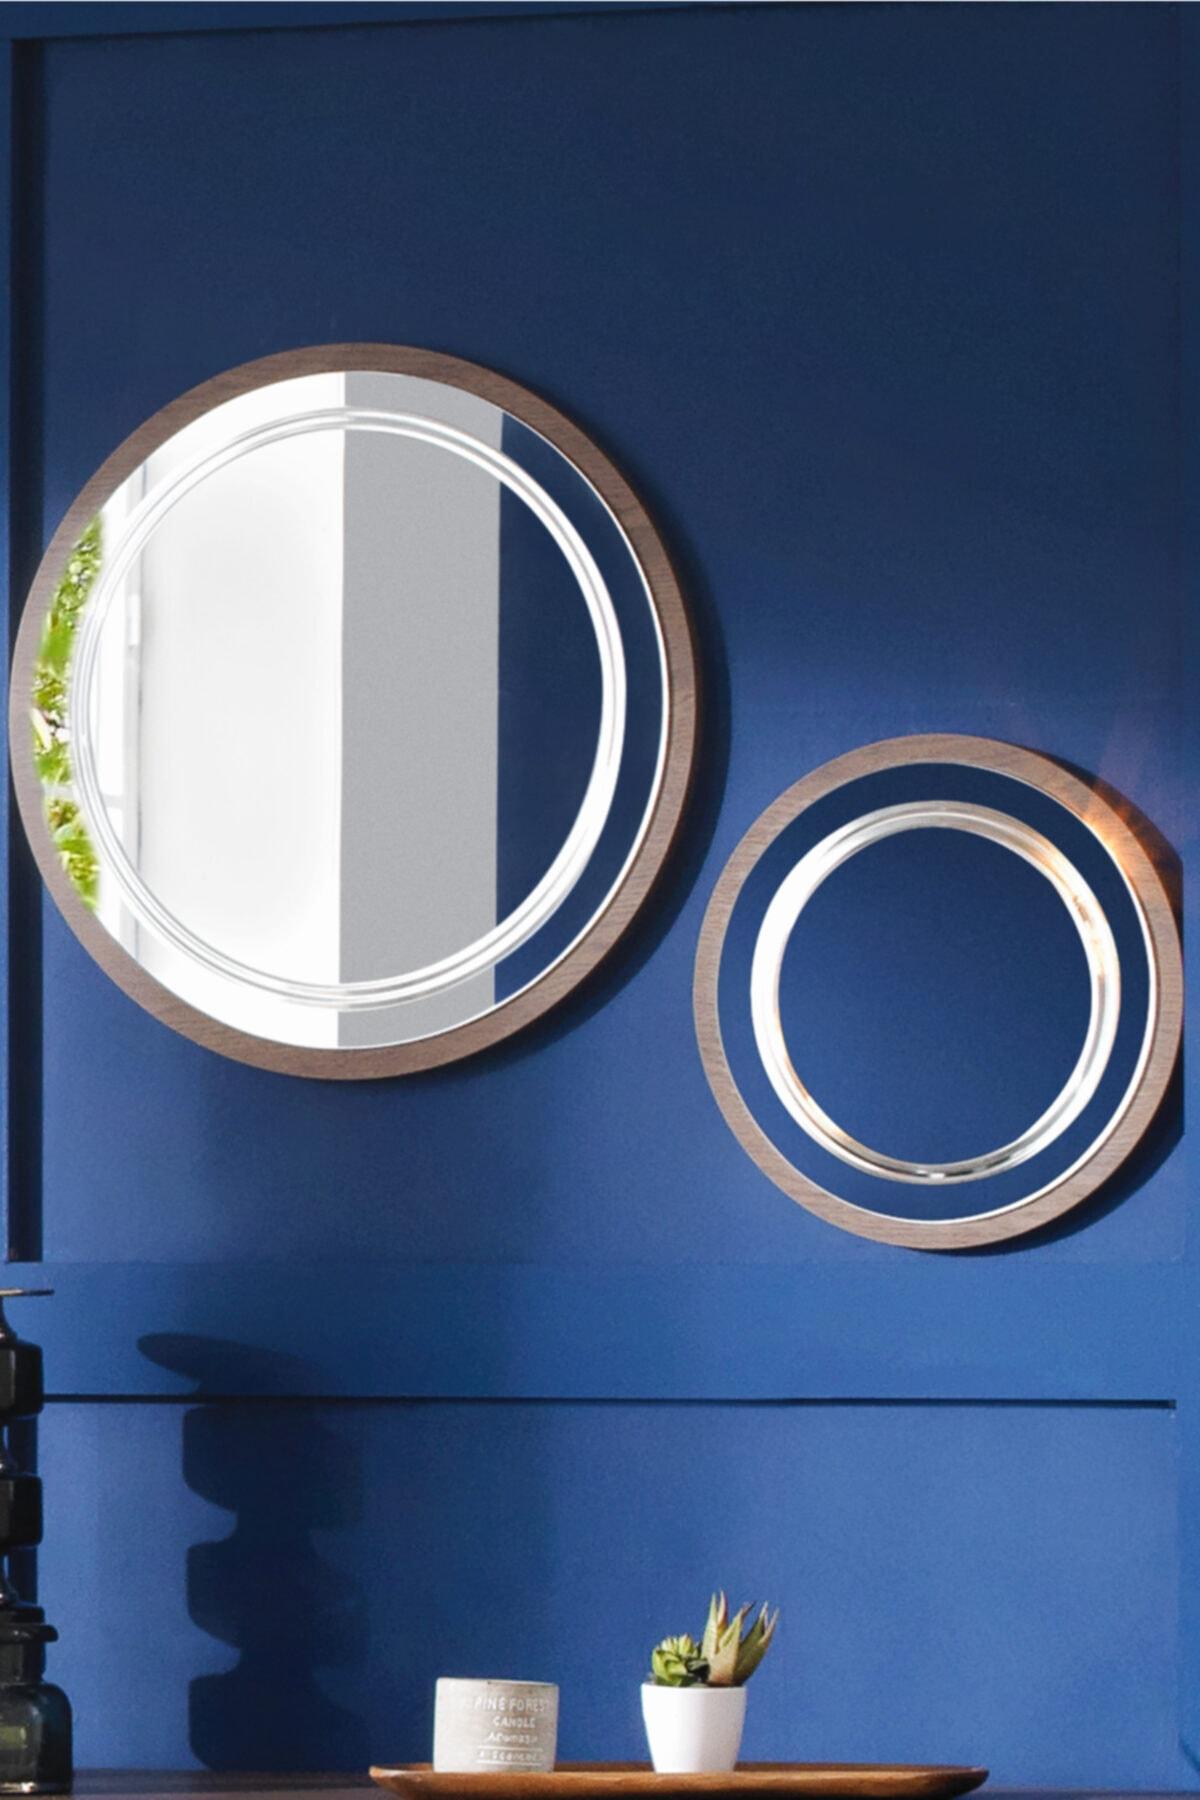 ACELYA Dekoratif Ayna & Duvar Aynası & Yuvarlak Ayna & Konsol Aynası 2'li Set Ceviz 1